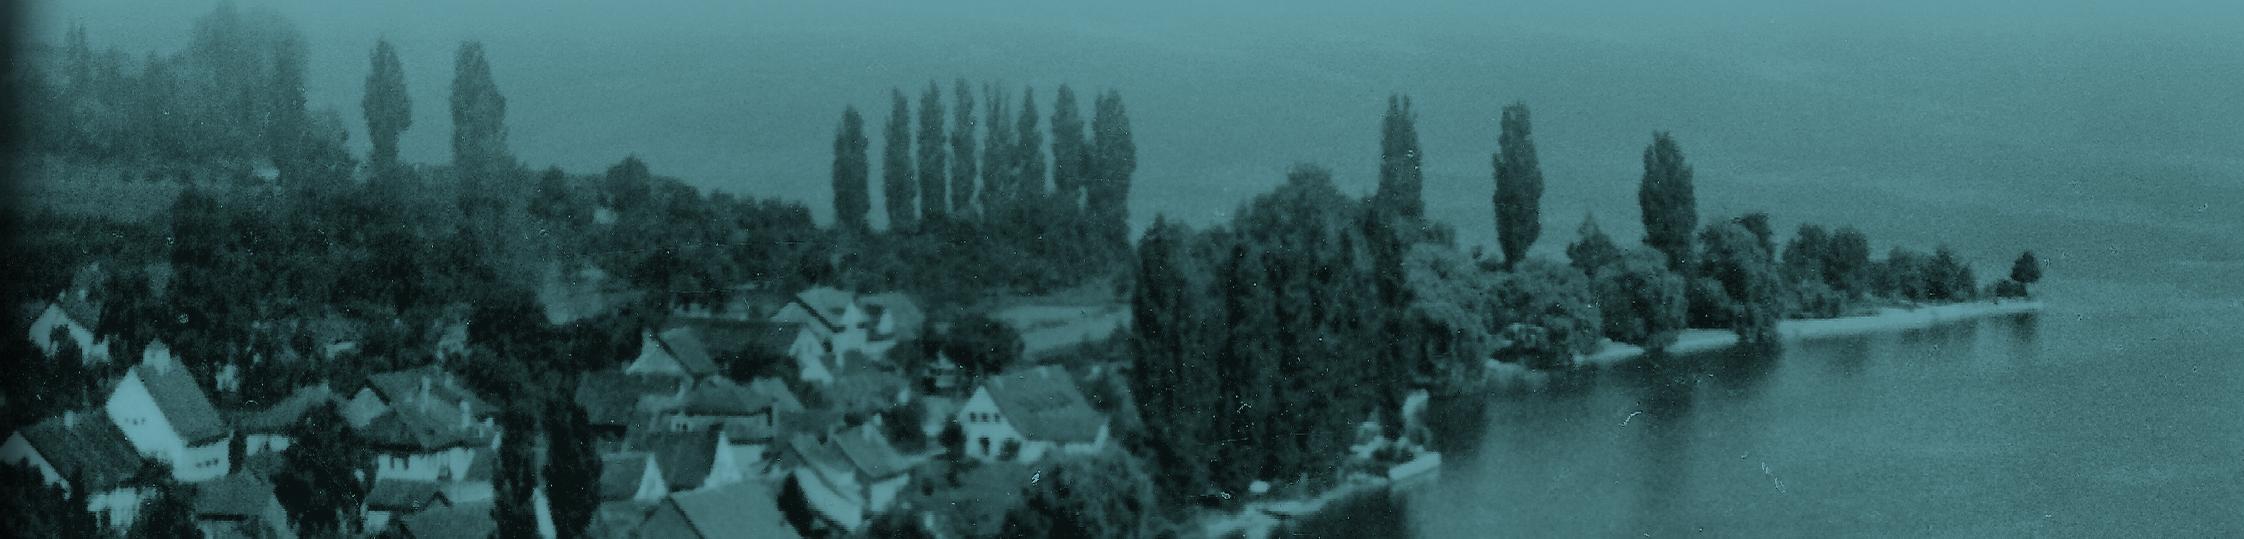 Sulzburg Buchvorstellung In der Heimat eine Fremde